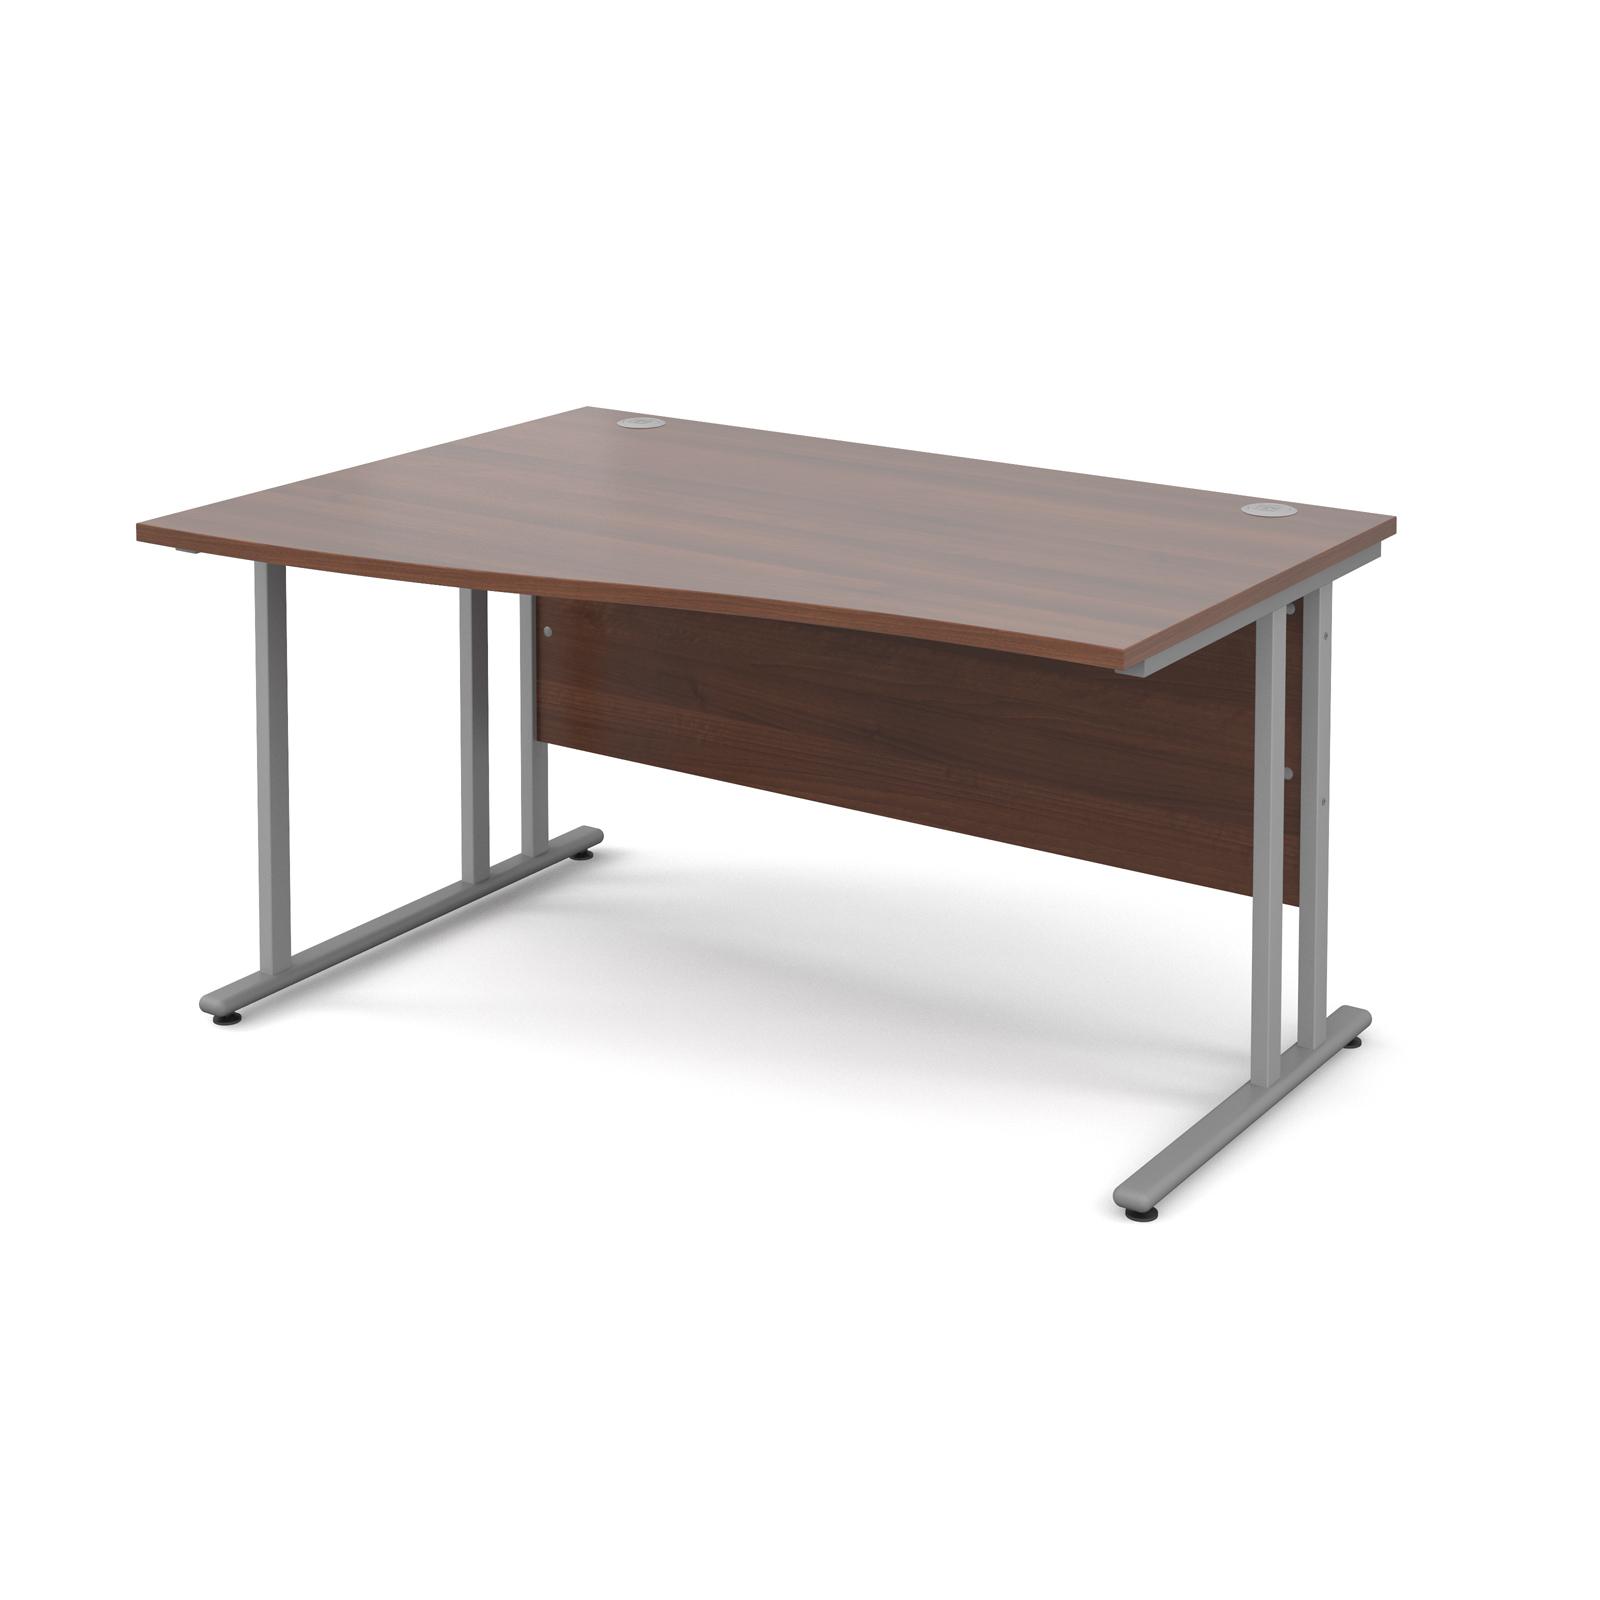 Maestro 25 SL left hand wave desk 1400mm - silver cantilever frame, walnut top